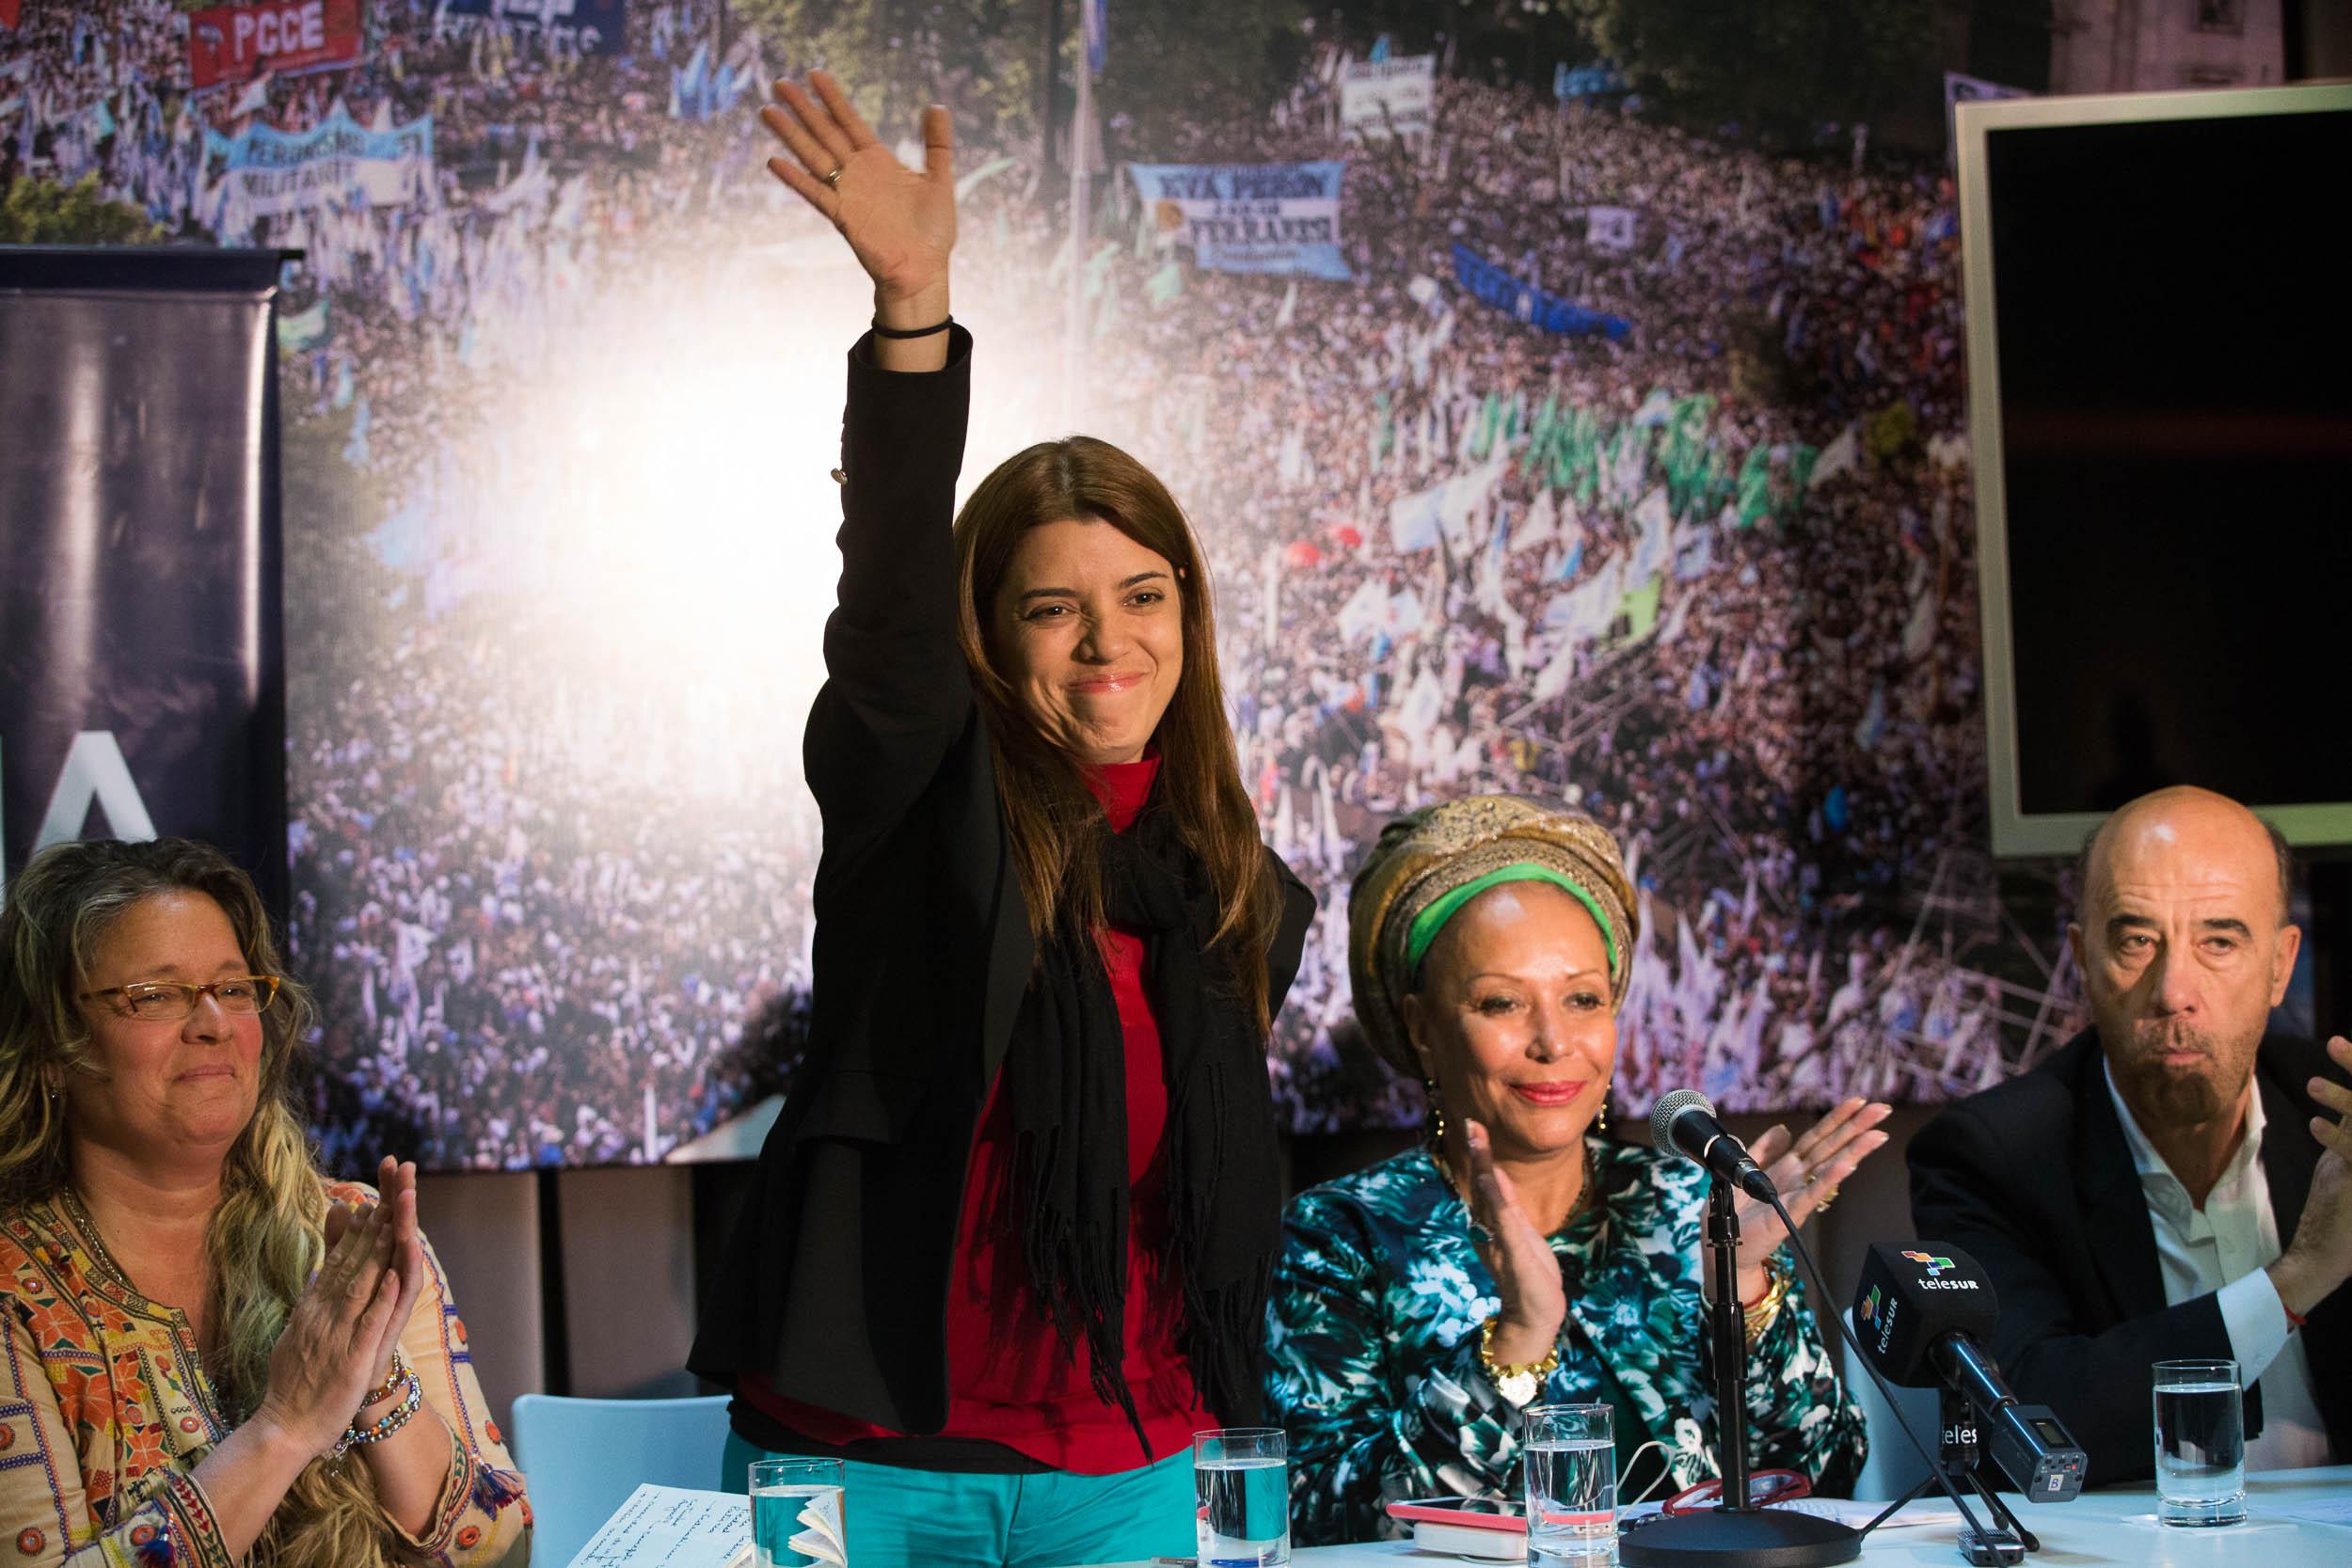 Patricia Villegas y Piedad Córdoba encabezaron una charla en defensa de Telesur